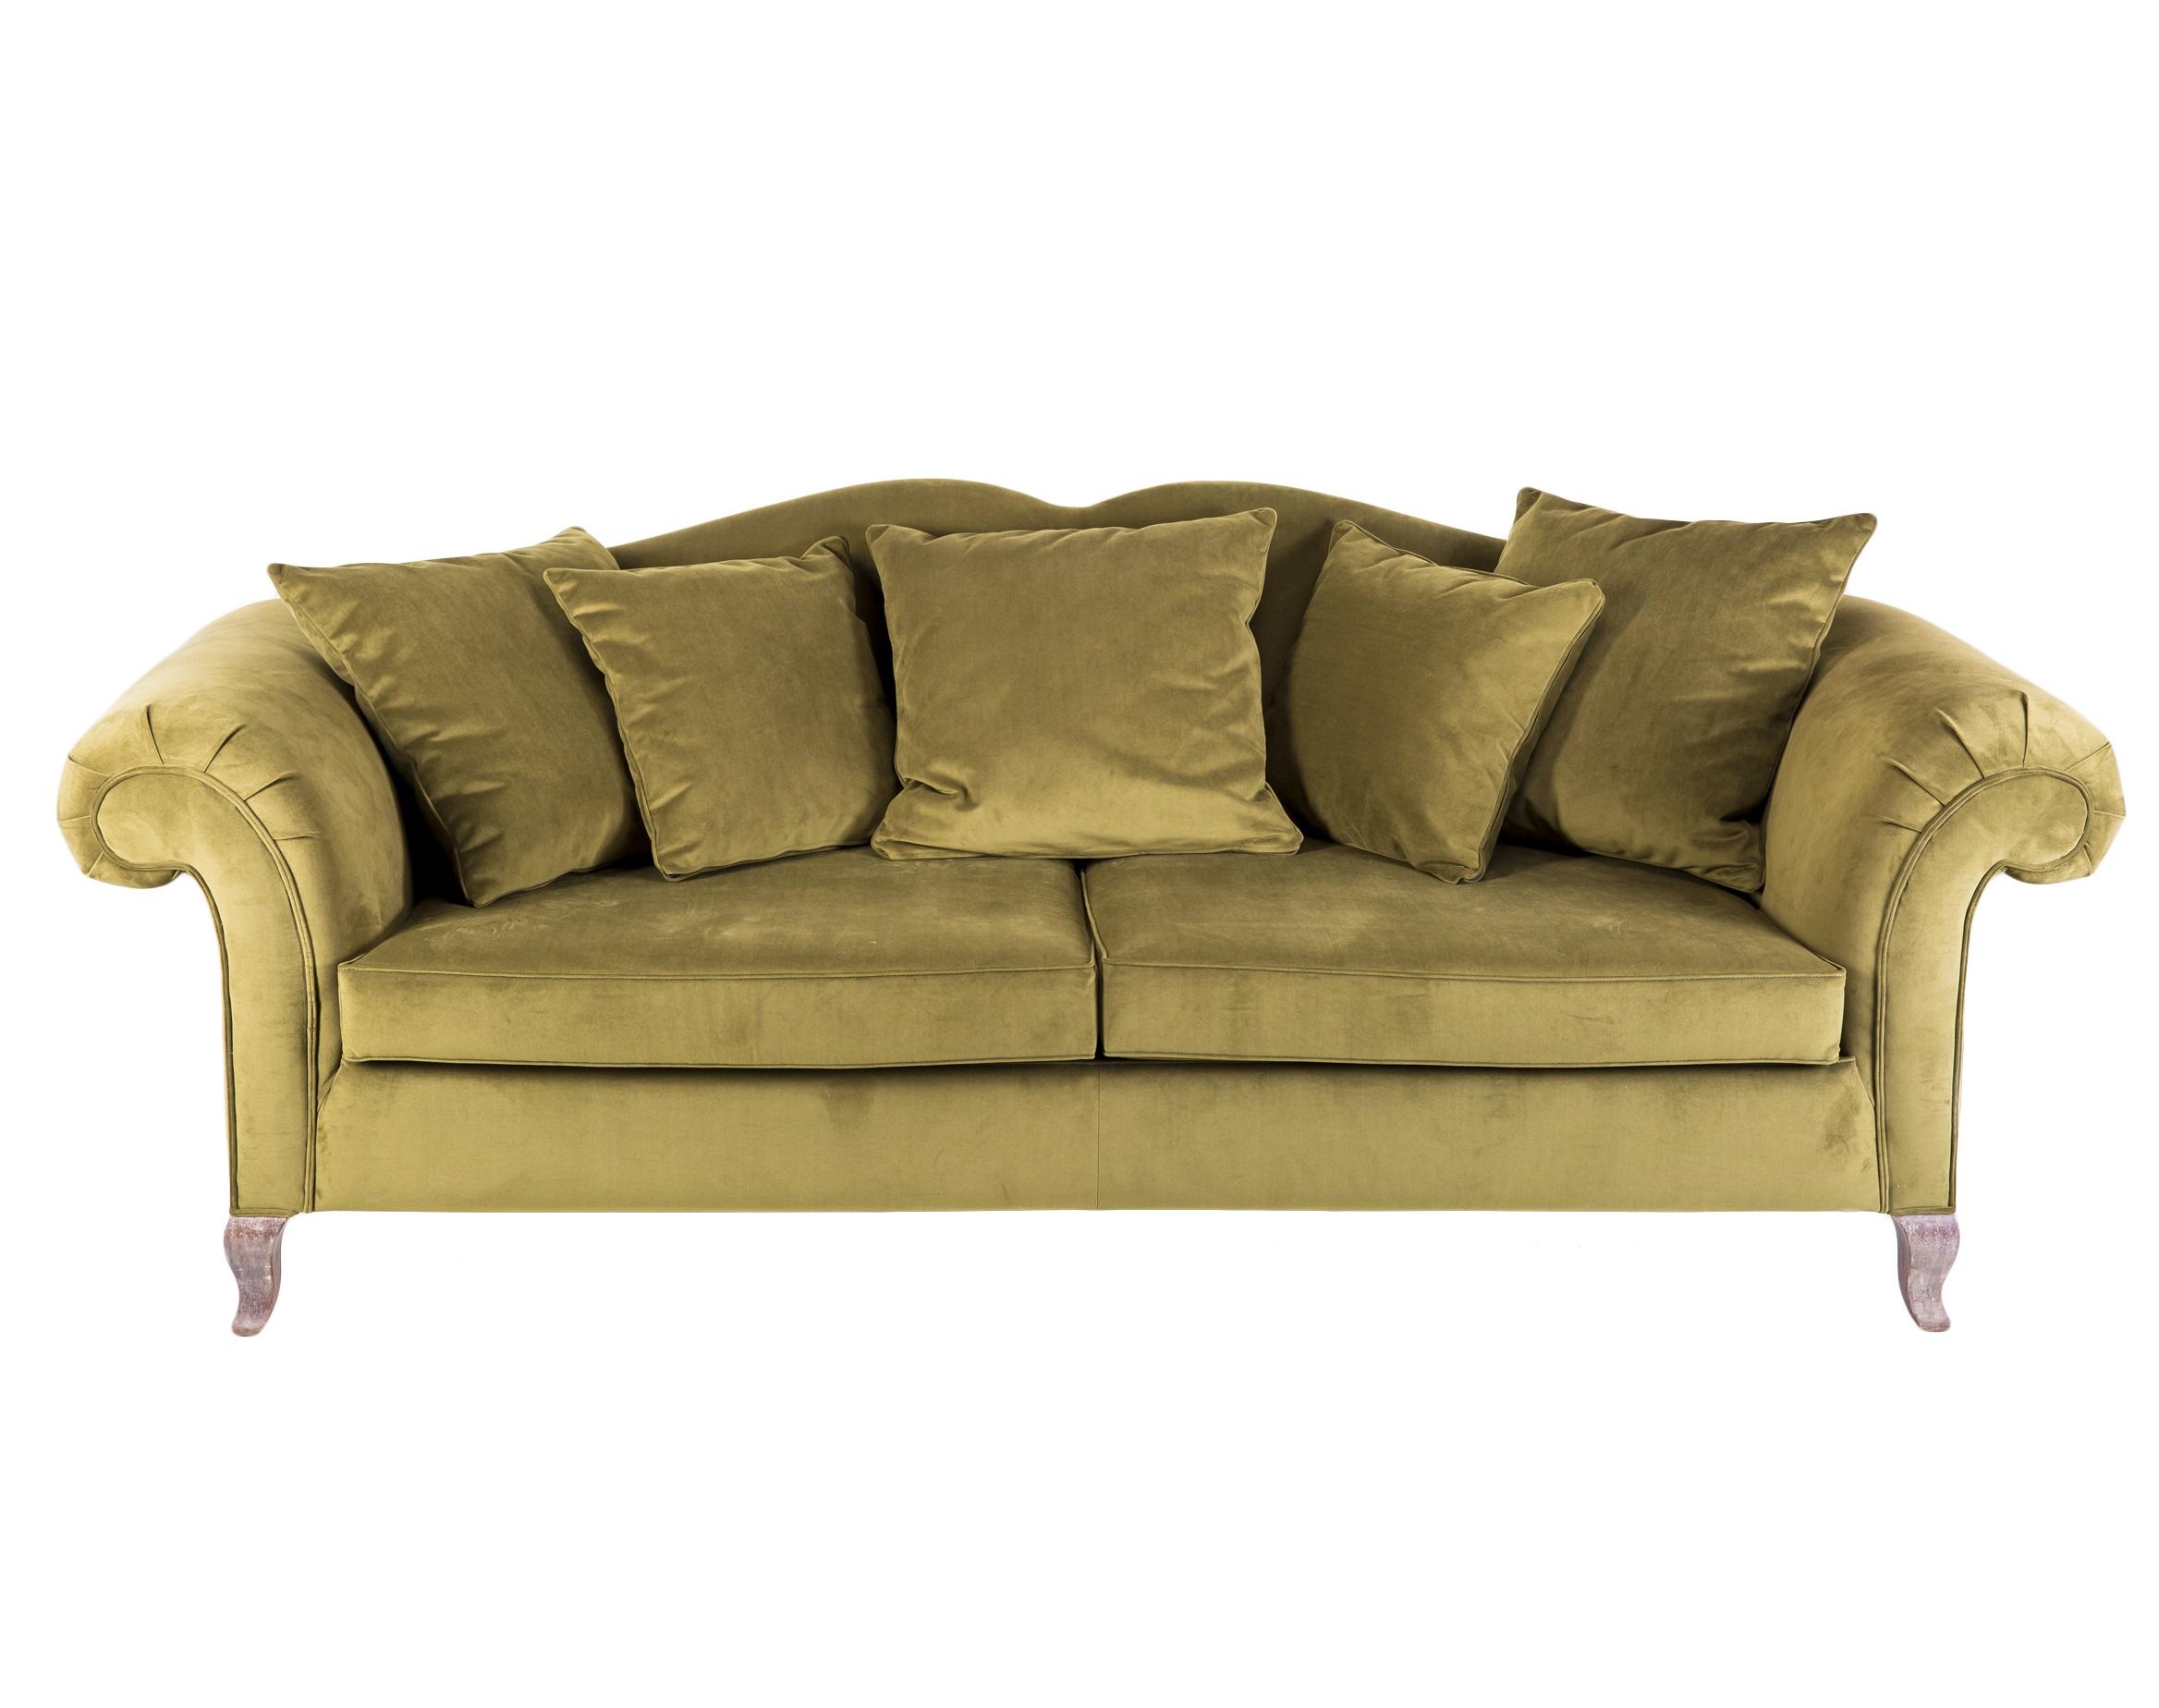 Диван КампариТрехместные диваны<br>Диван с двухцветной обивкой на ножках из дерева махагони. Подушки в комплекте.<br><br>Material: Текстиль<br>Width см: 260<br>Depth см: 103<br>Height см: 95